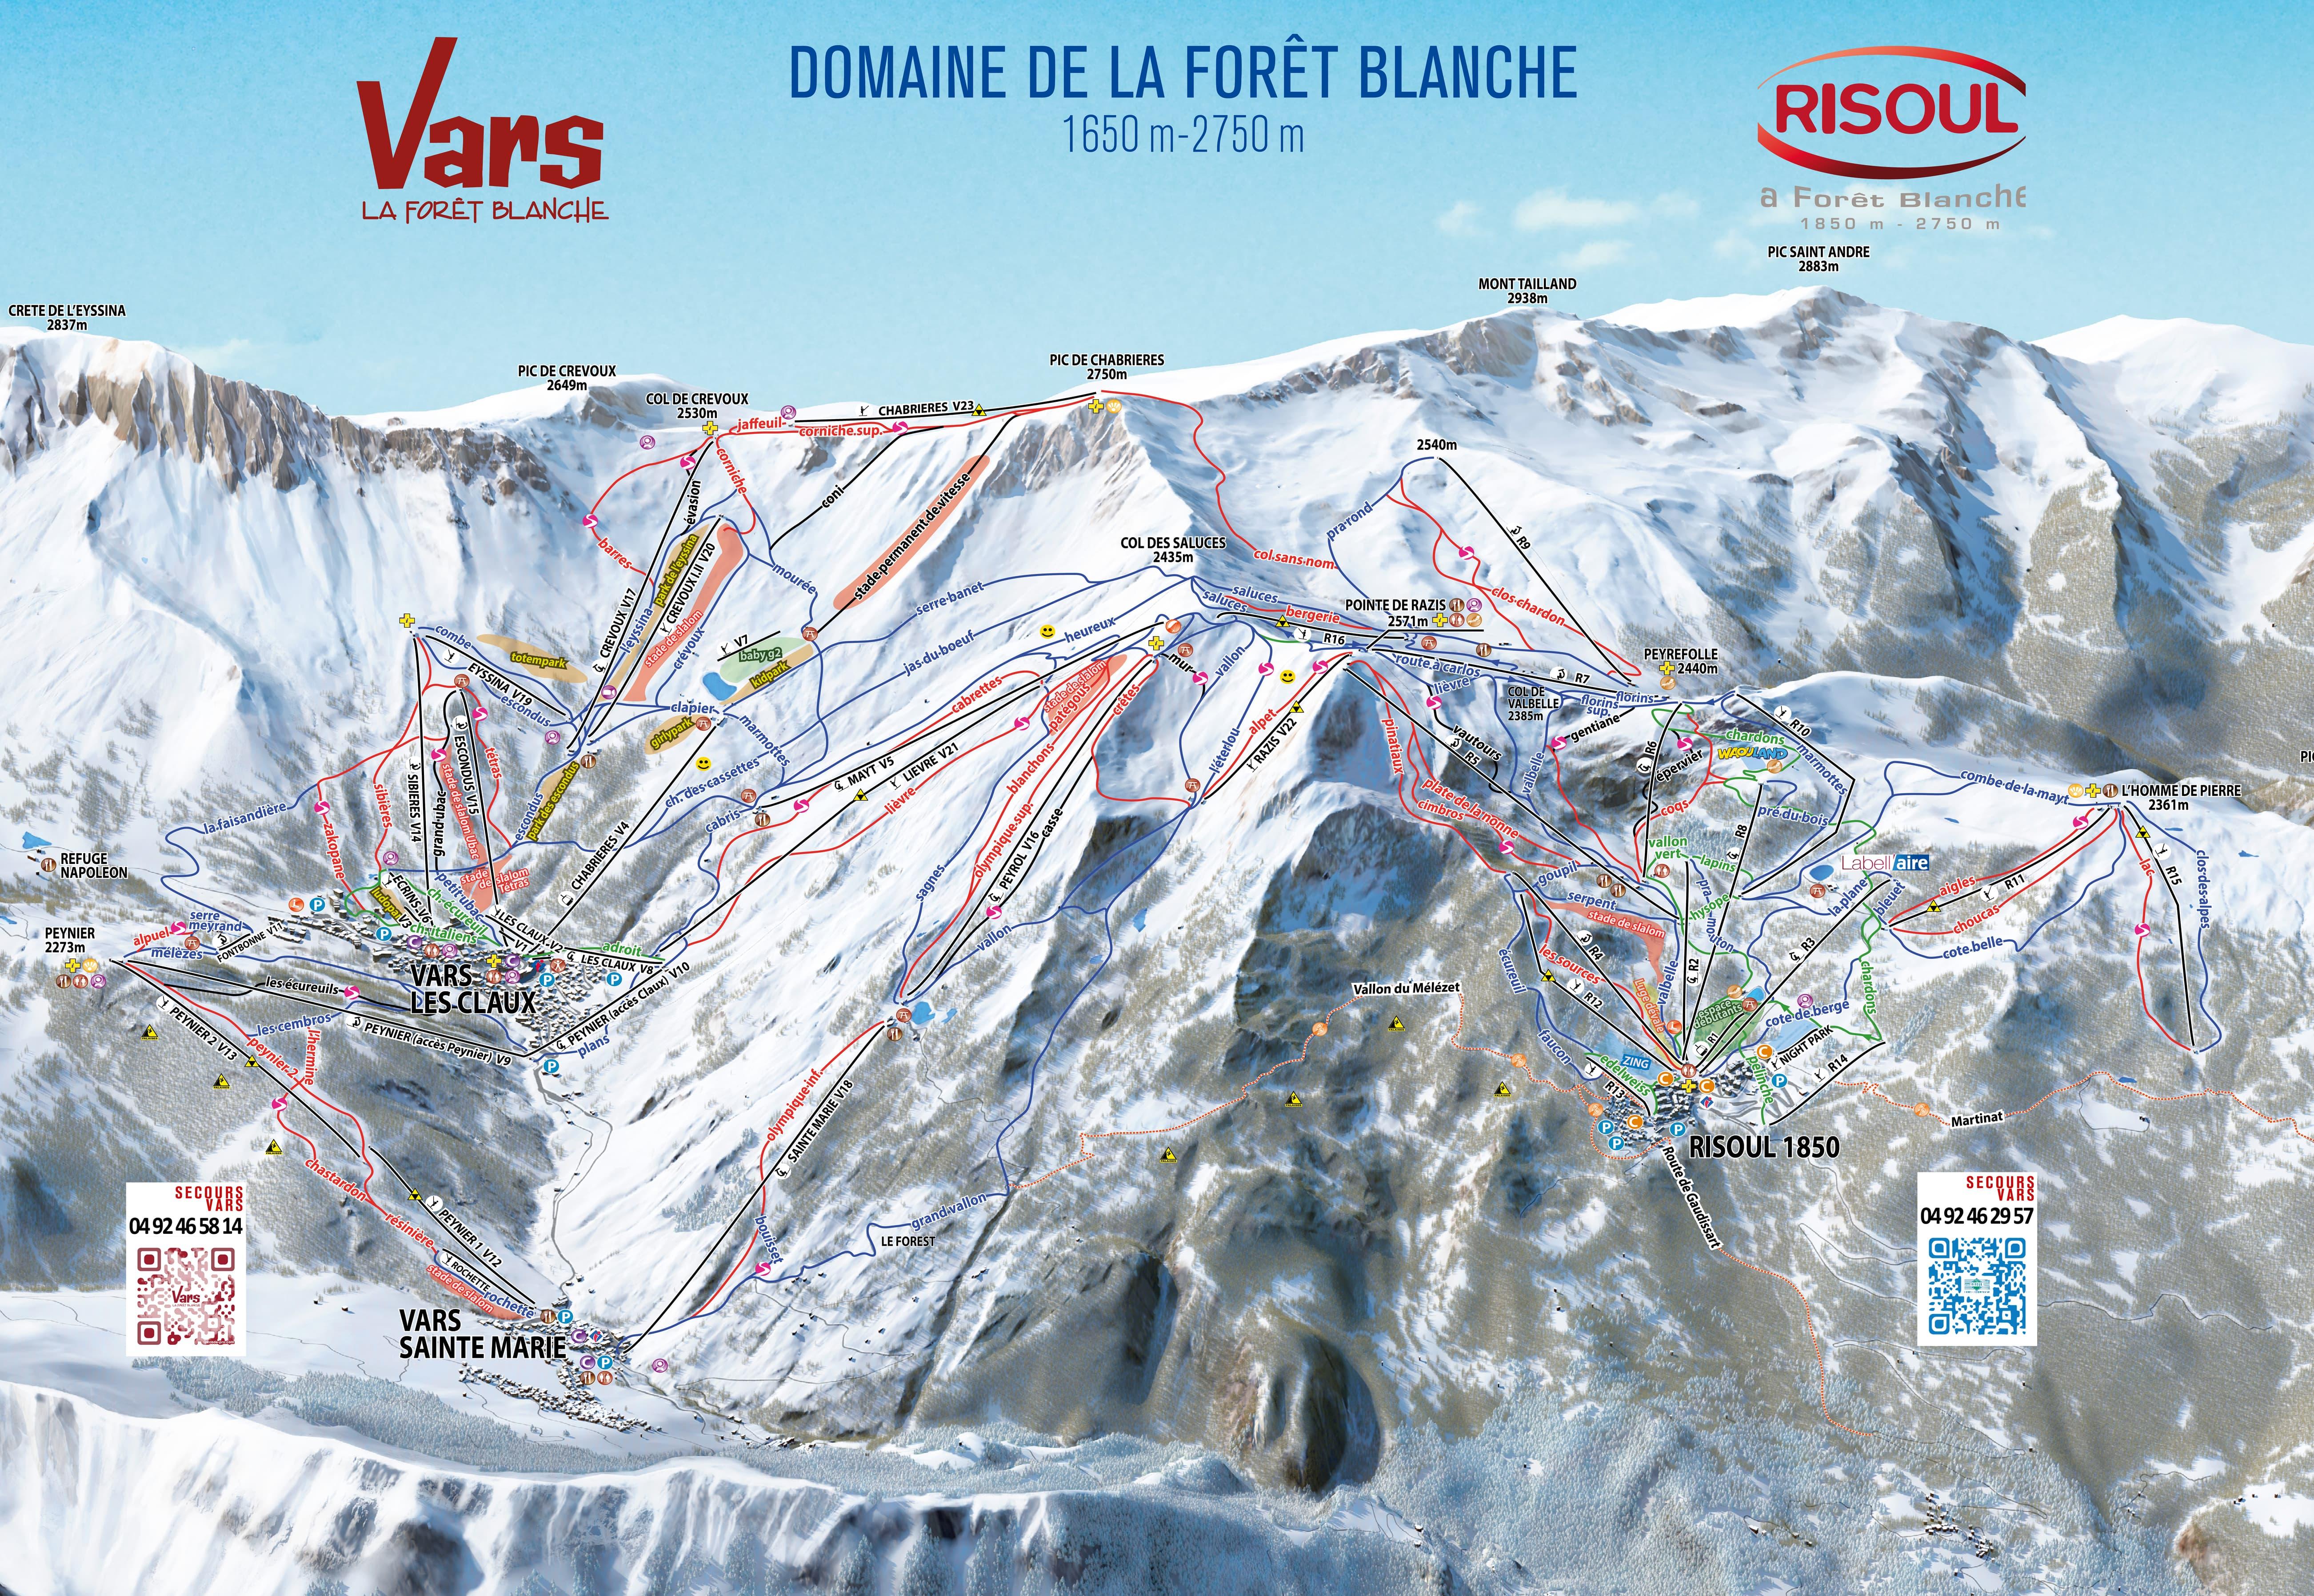 Domaine skiable de la Forêt Blanche